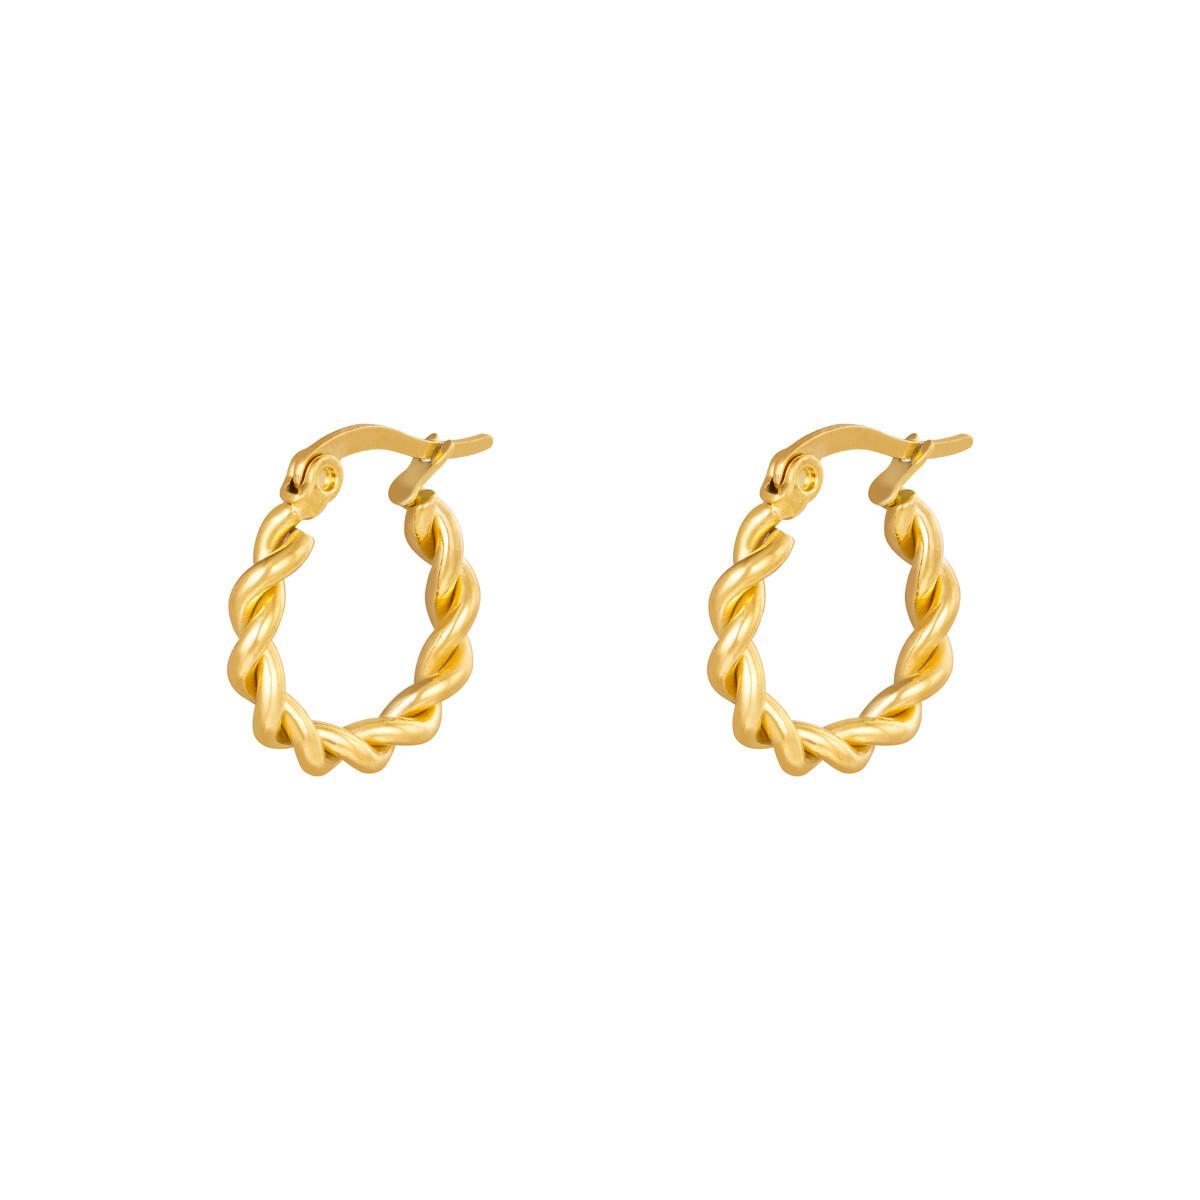 Gedraaide oorringetjes goud 15mm stainless steel